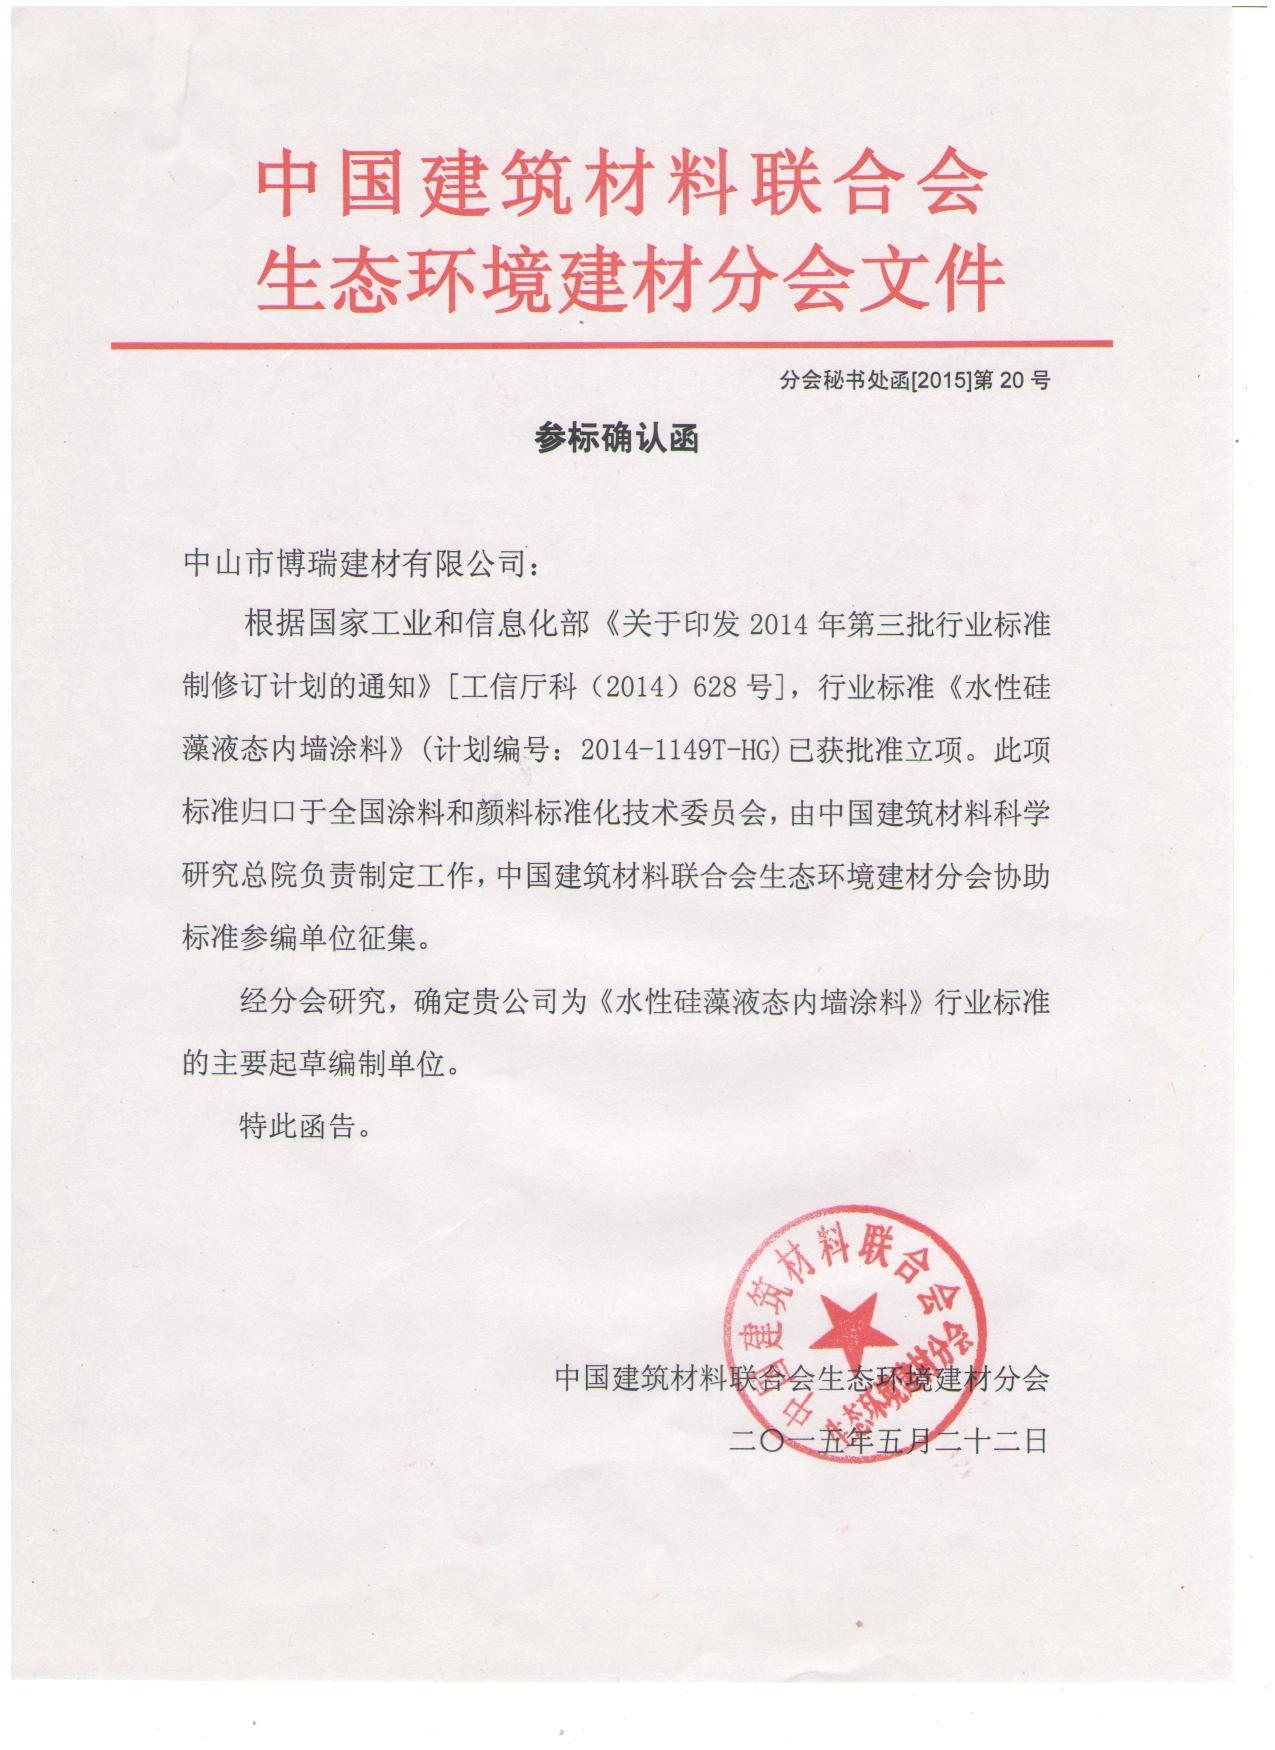 中国《水性硅藻液态内墙涂料标准》起草单位